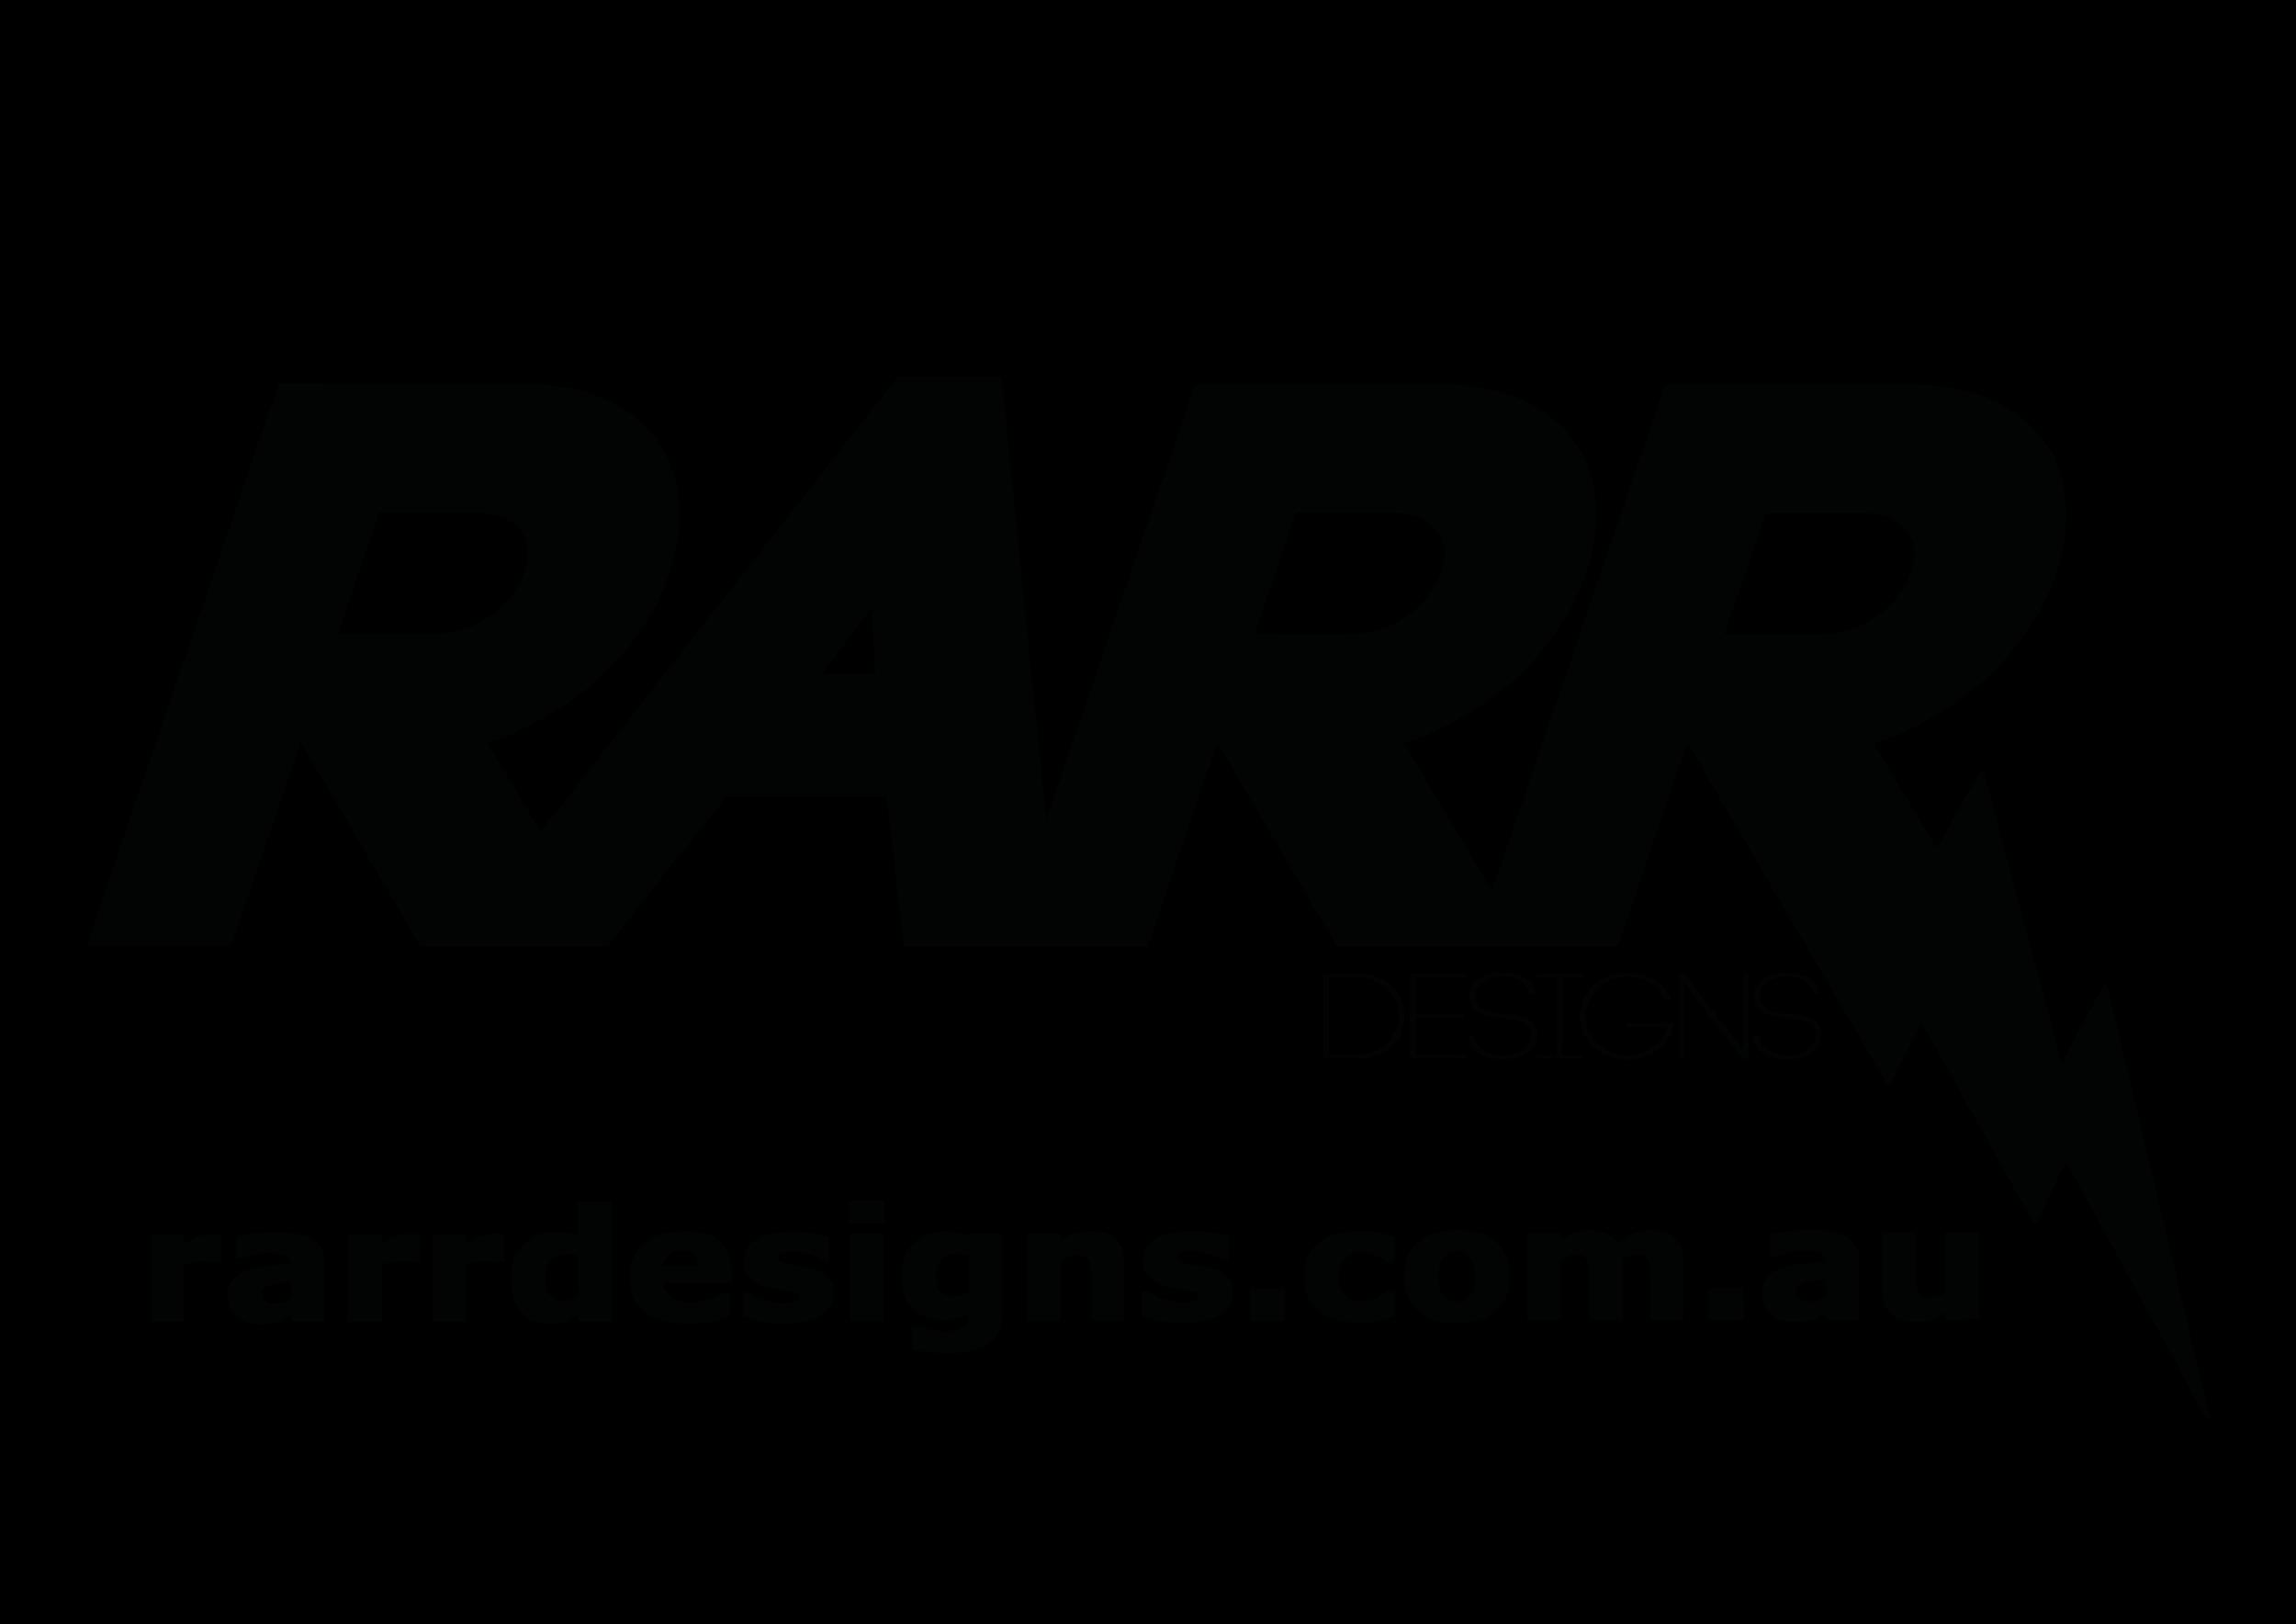 rarr design